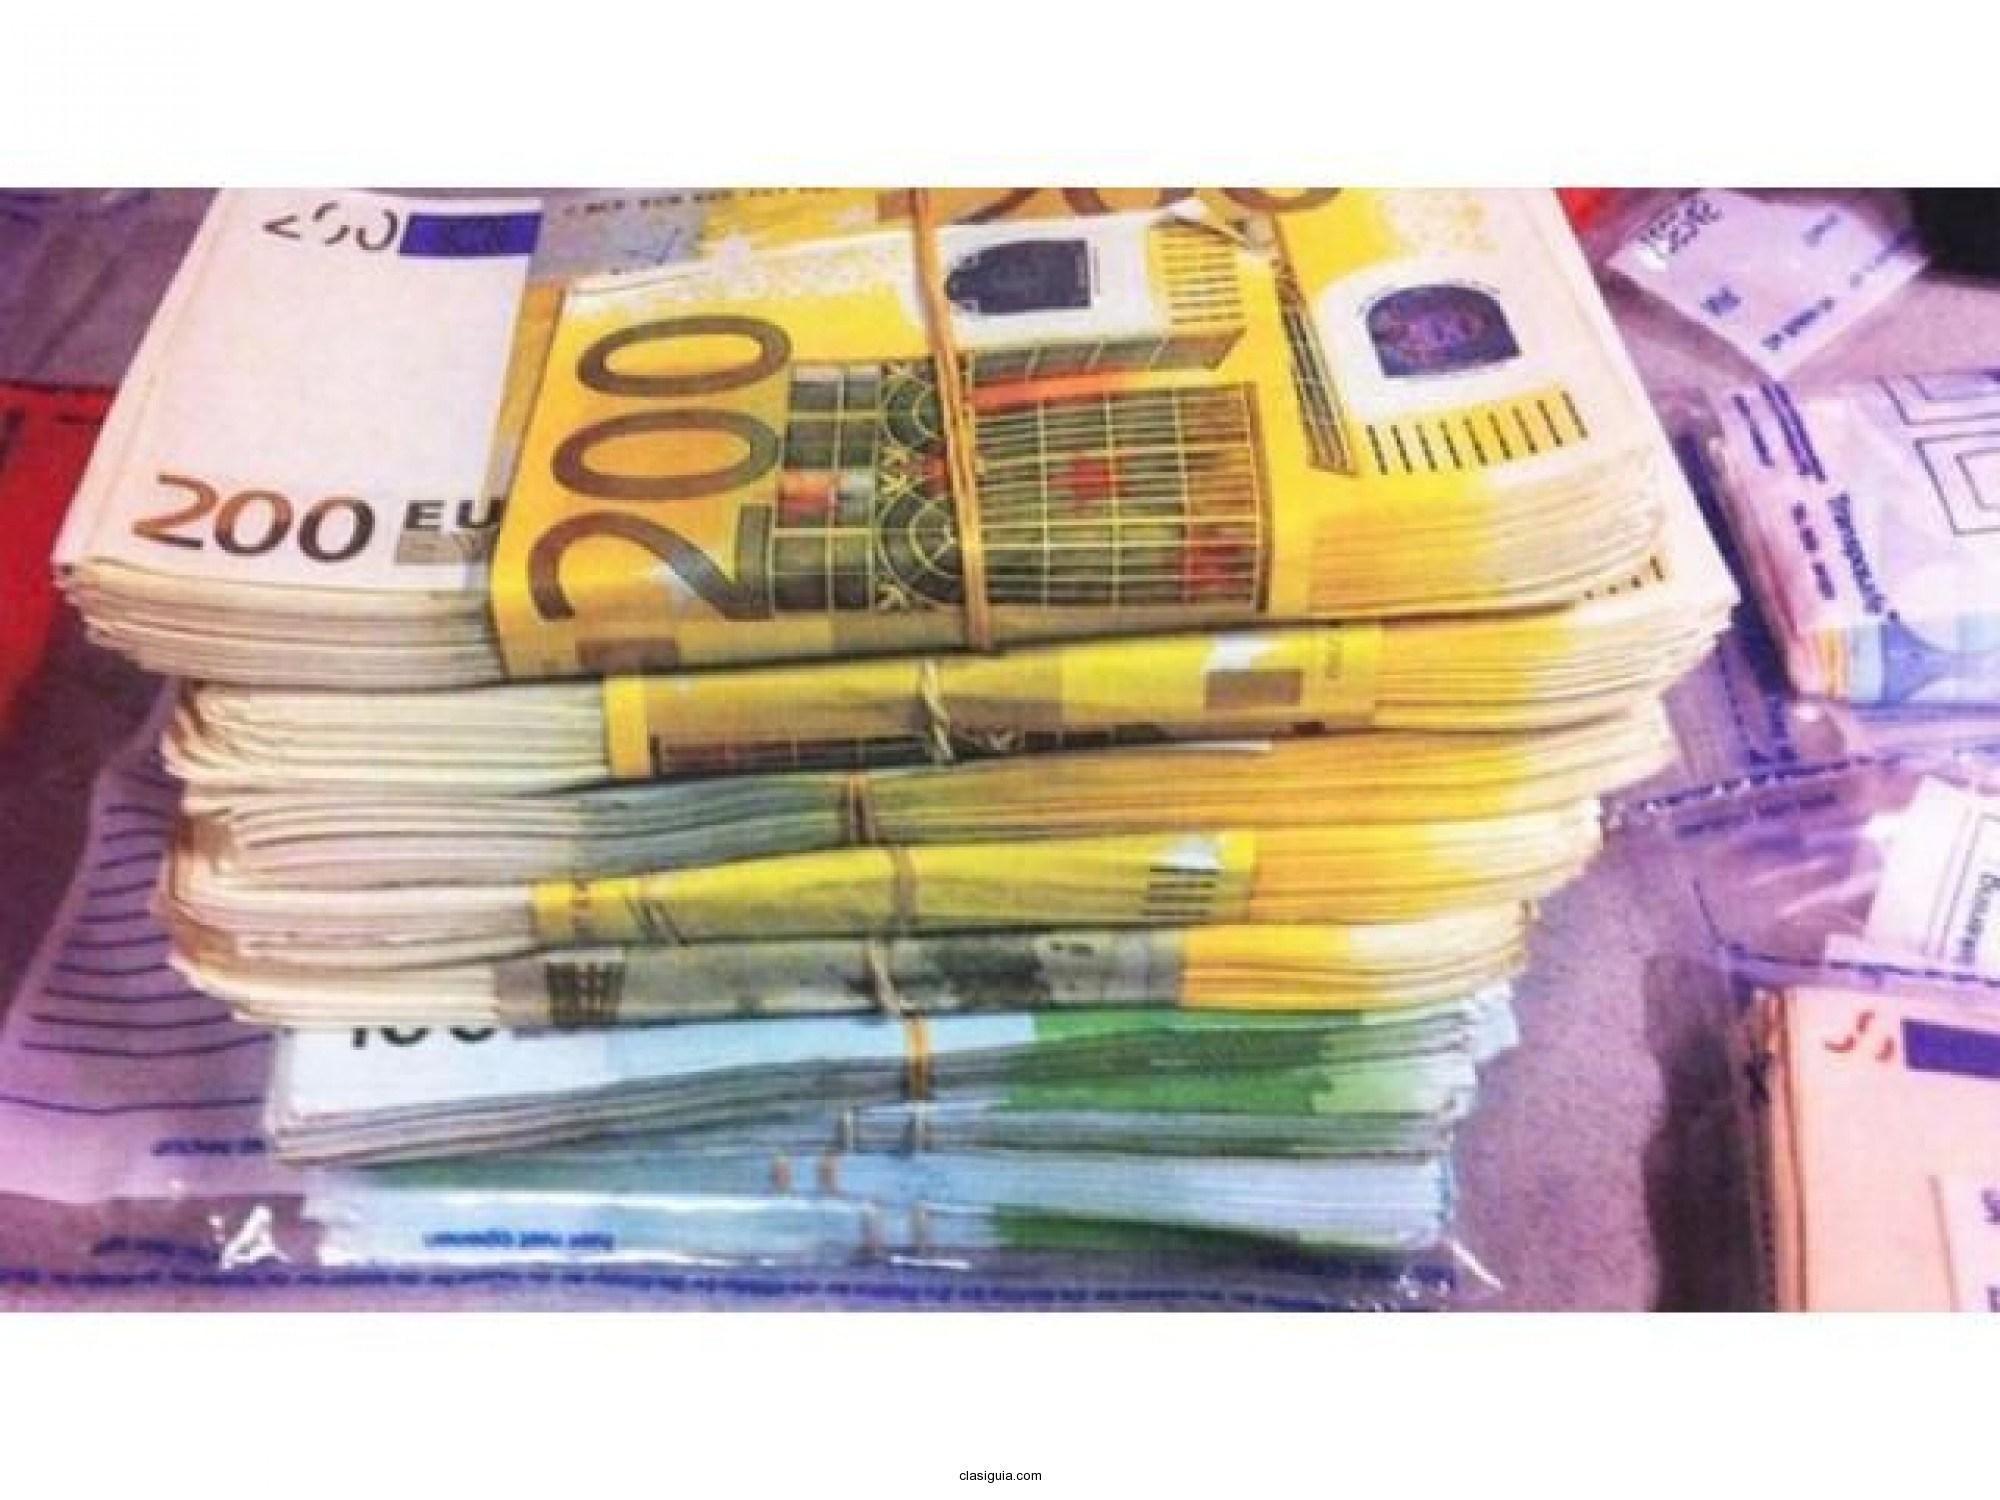 Oferta de préstamo con todas las garantías. Whatsapp: +34 605 06 80 18